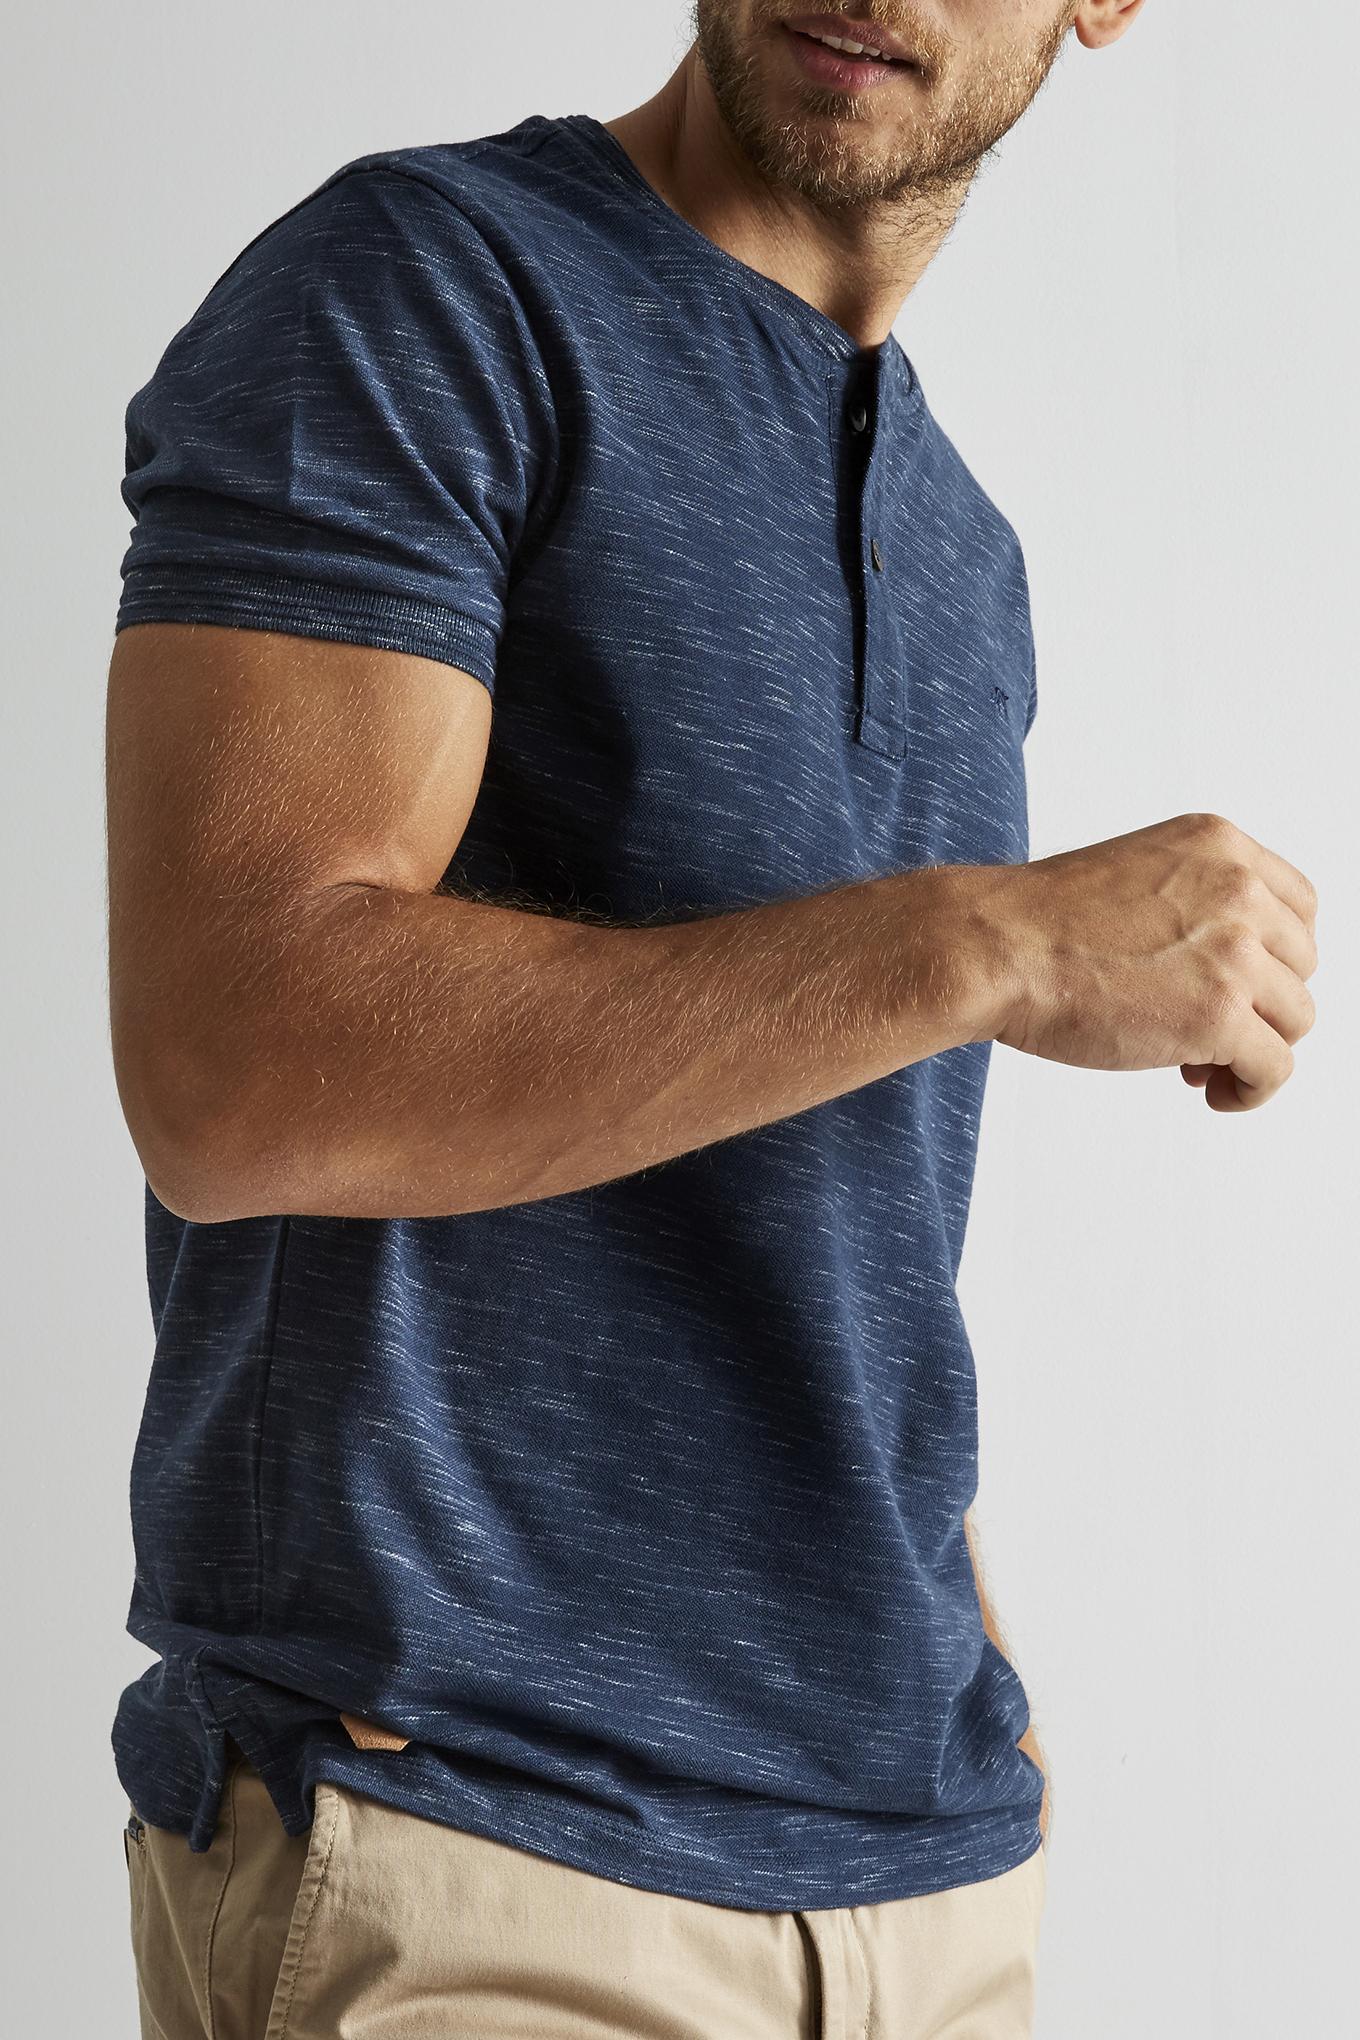 T-Shirt Azul Escuro Casual Homem